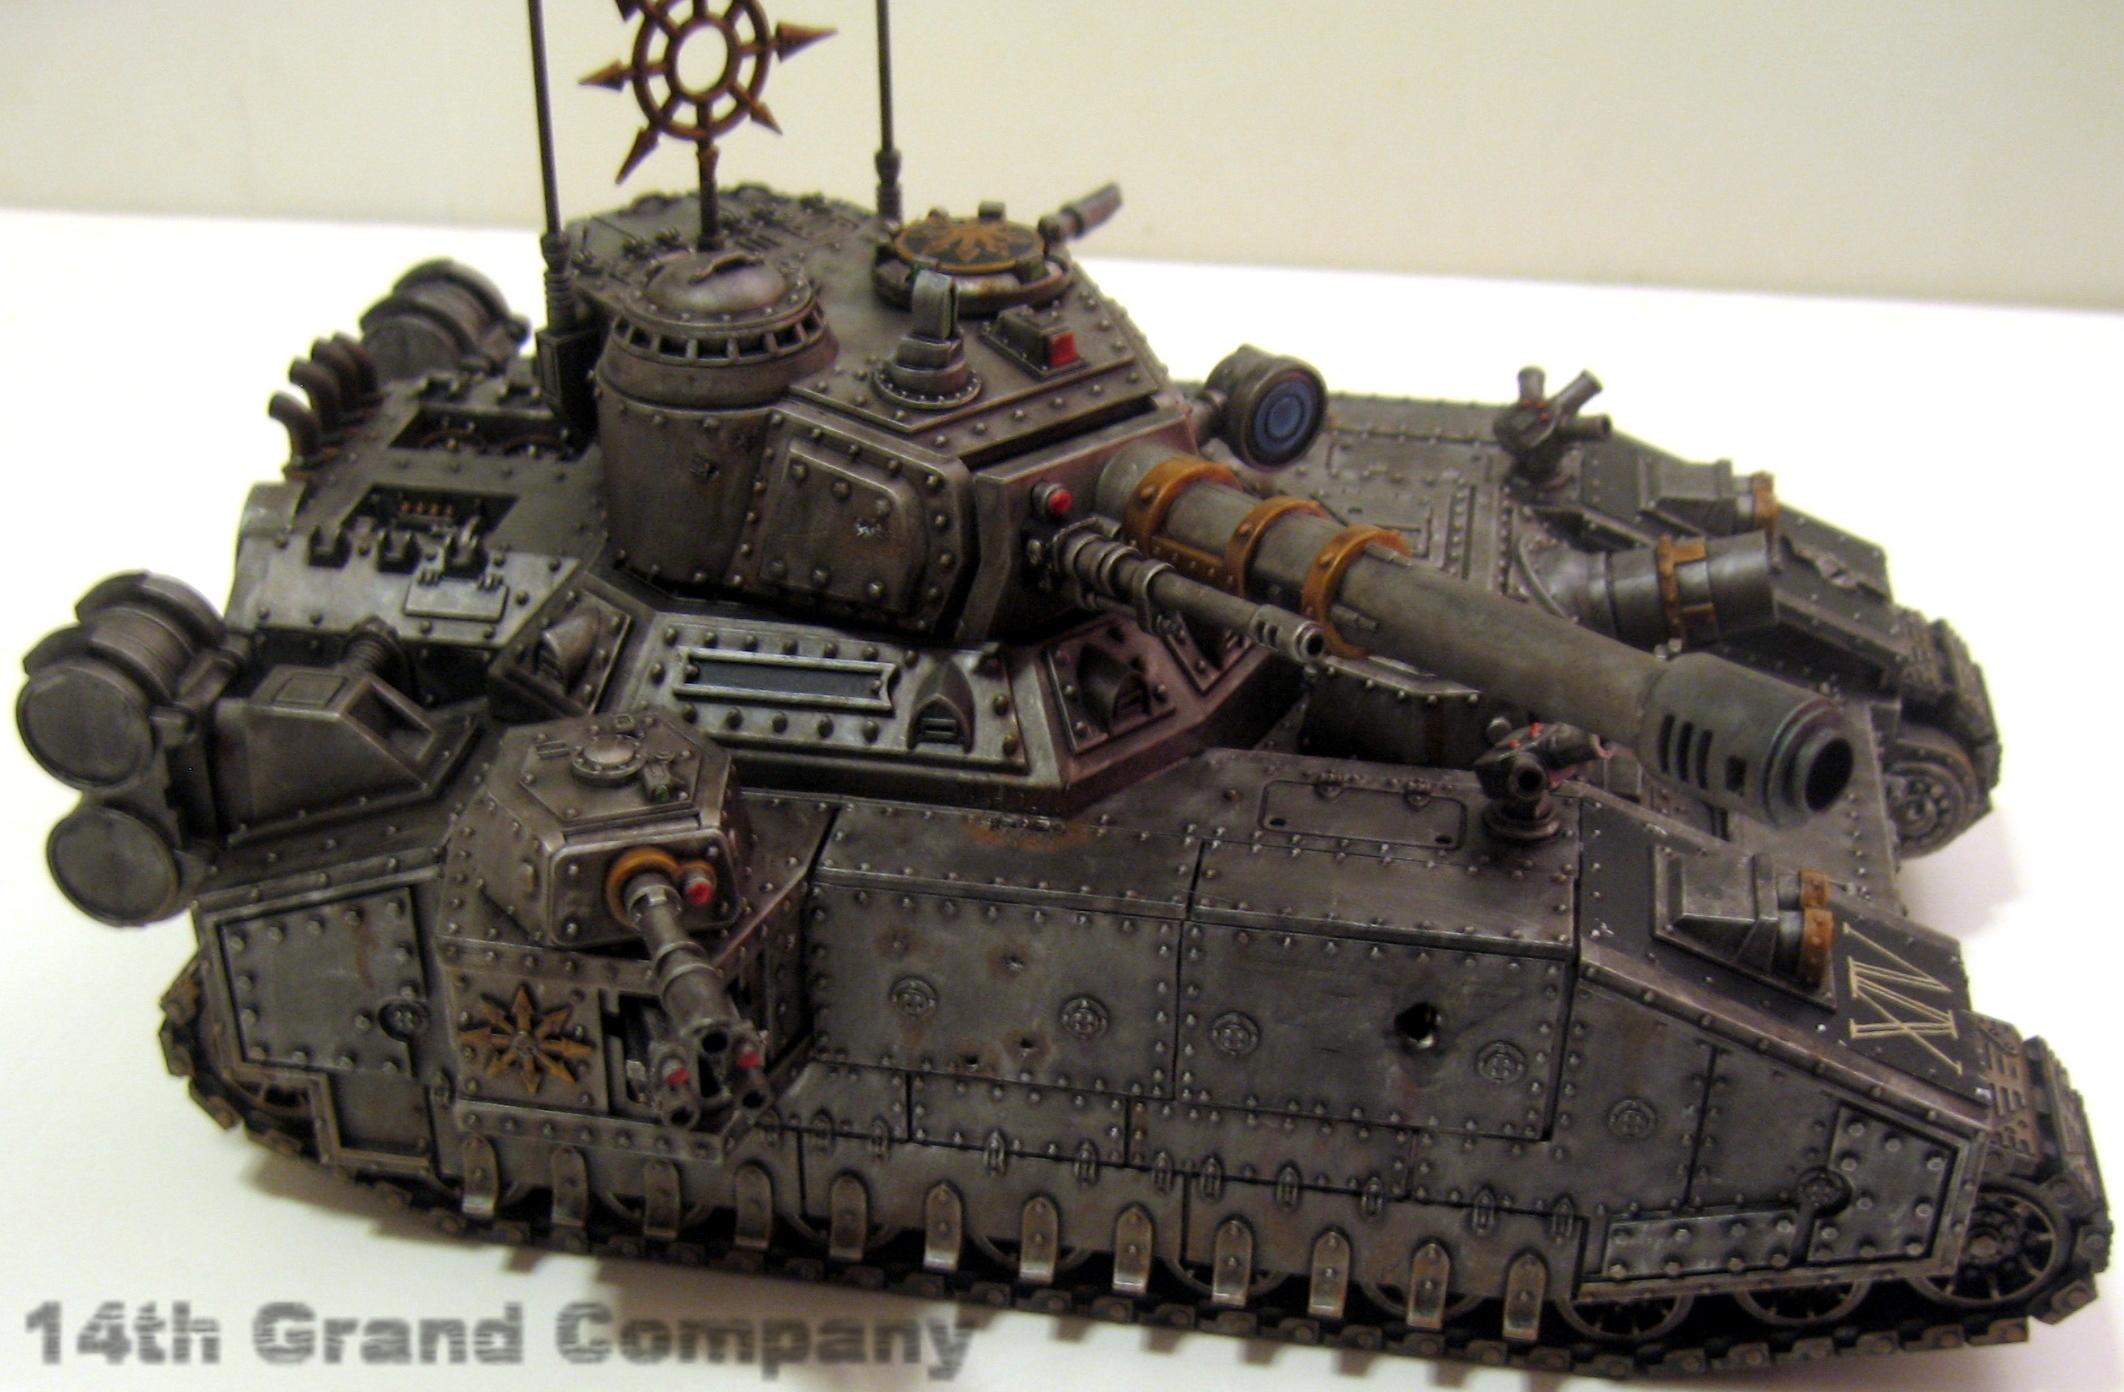 Olbrzymi czołg Baneblade w wersji chaosyckiej.